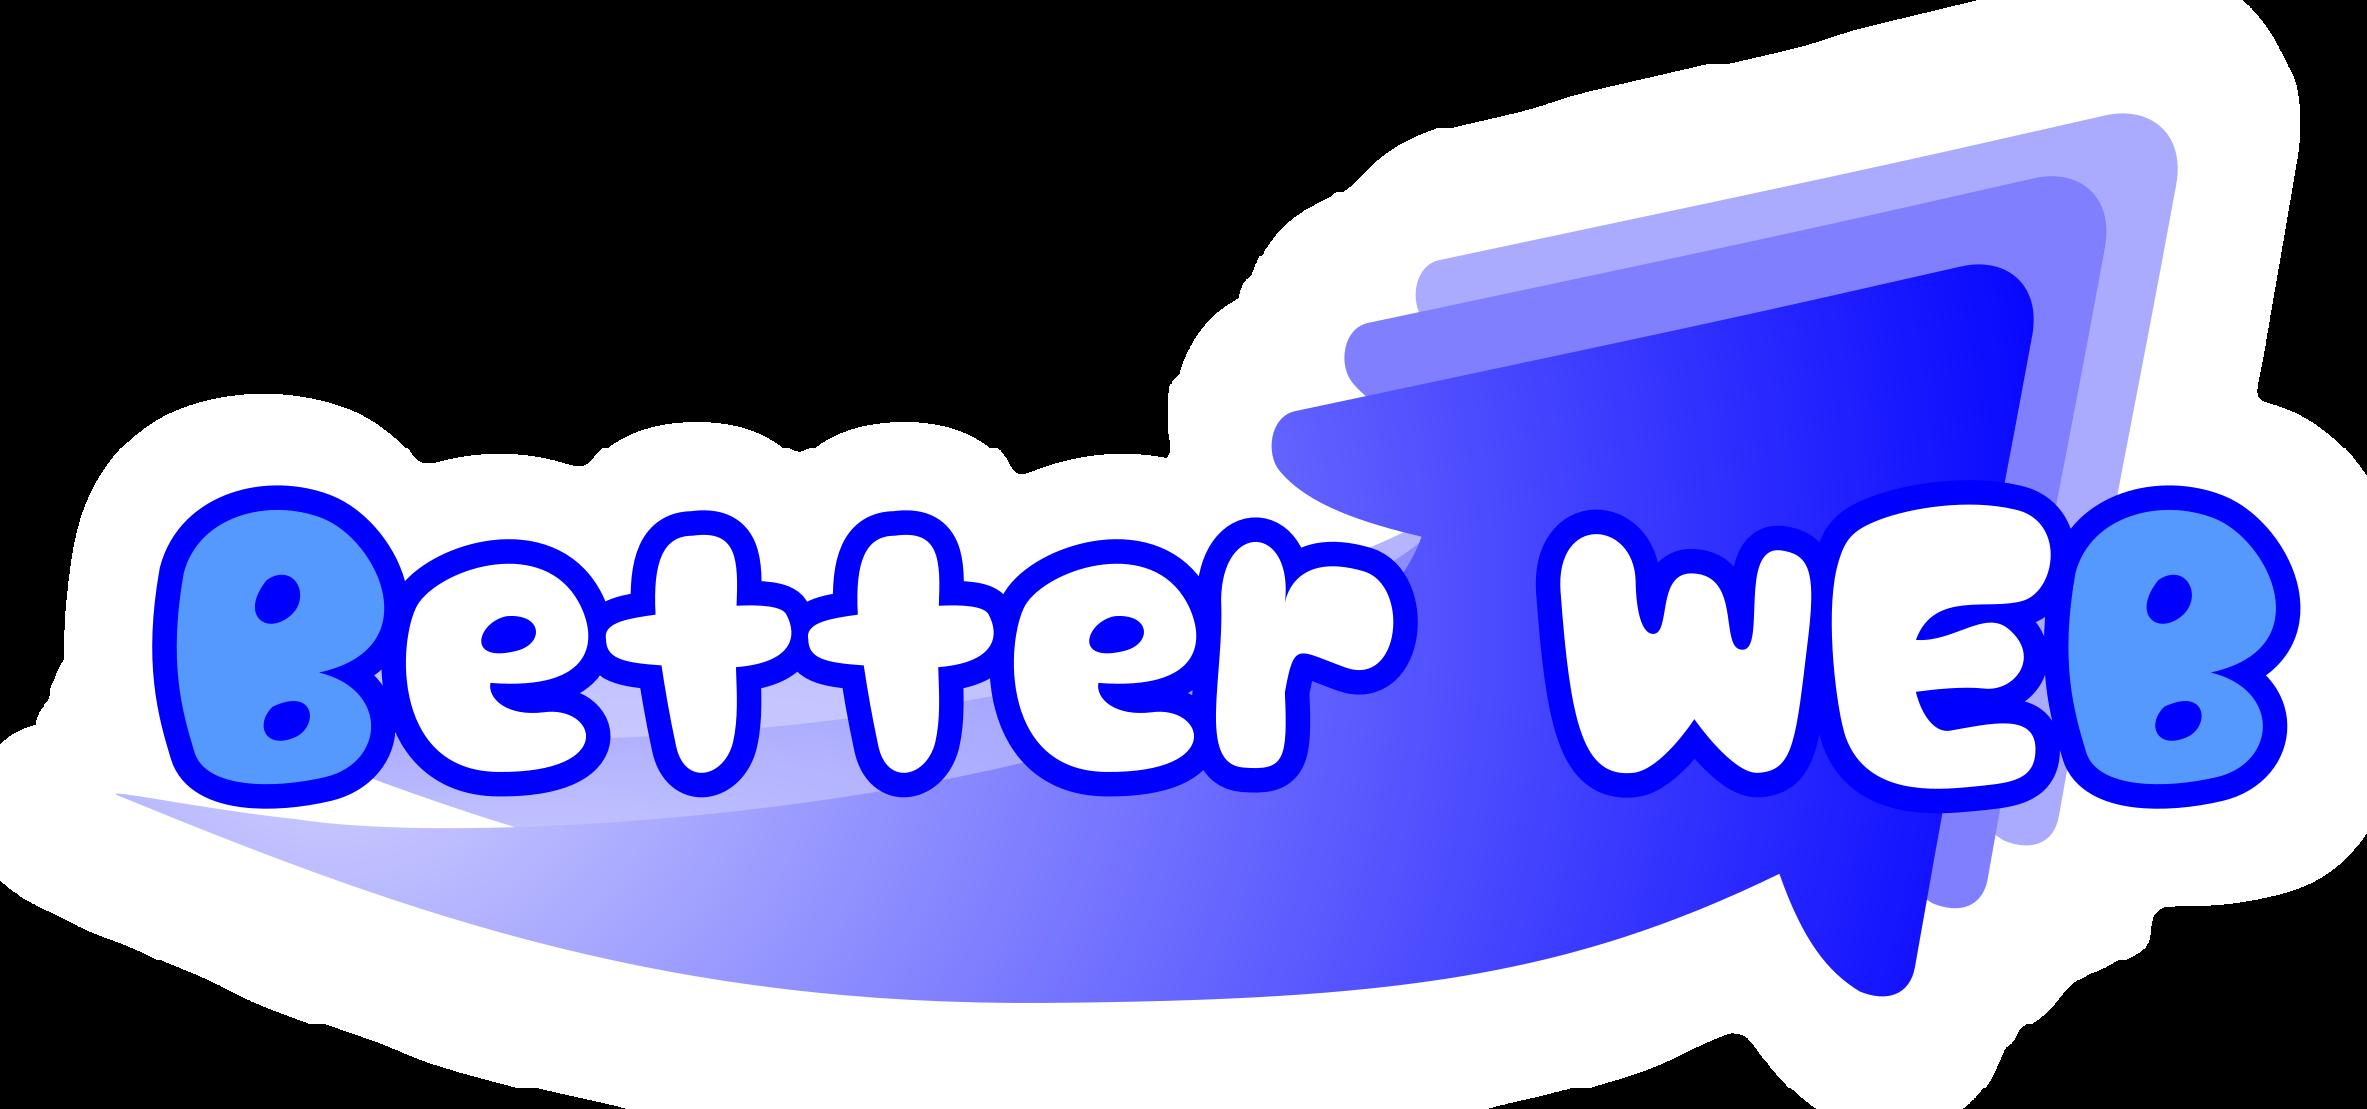 株式会社Better WEB | ネットショップ制作 |福井県大野市